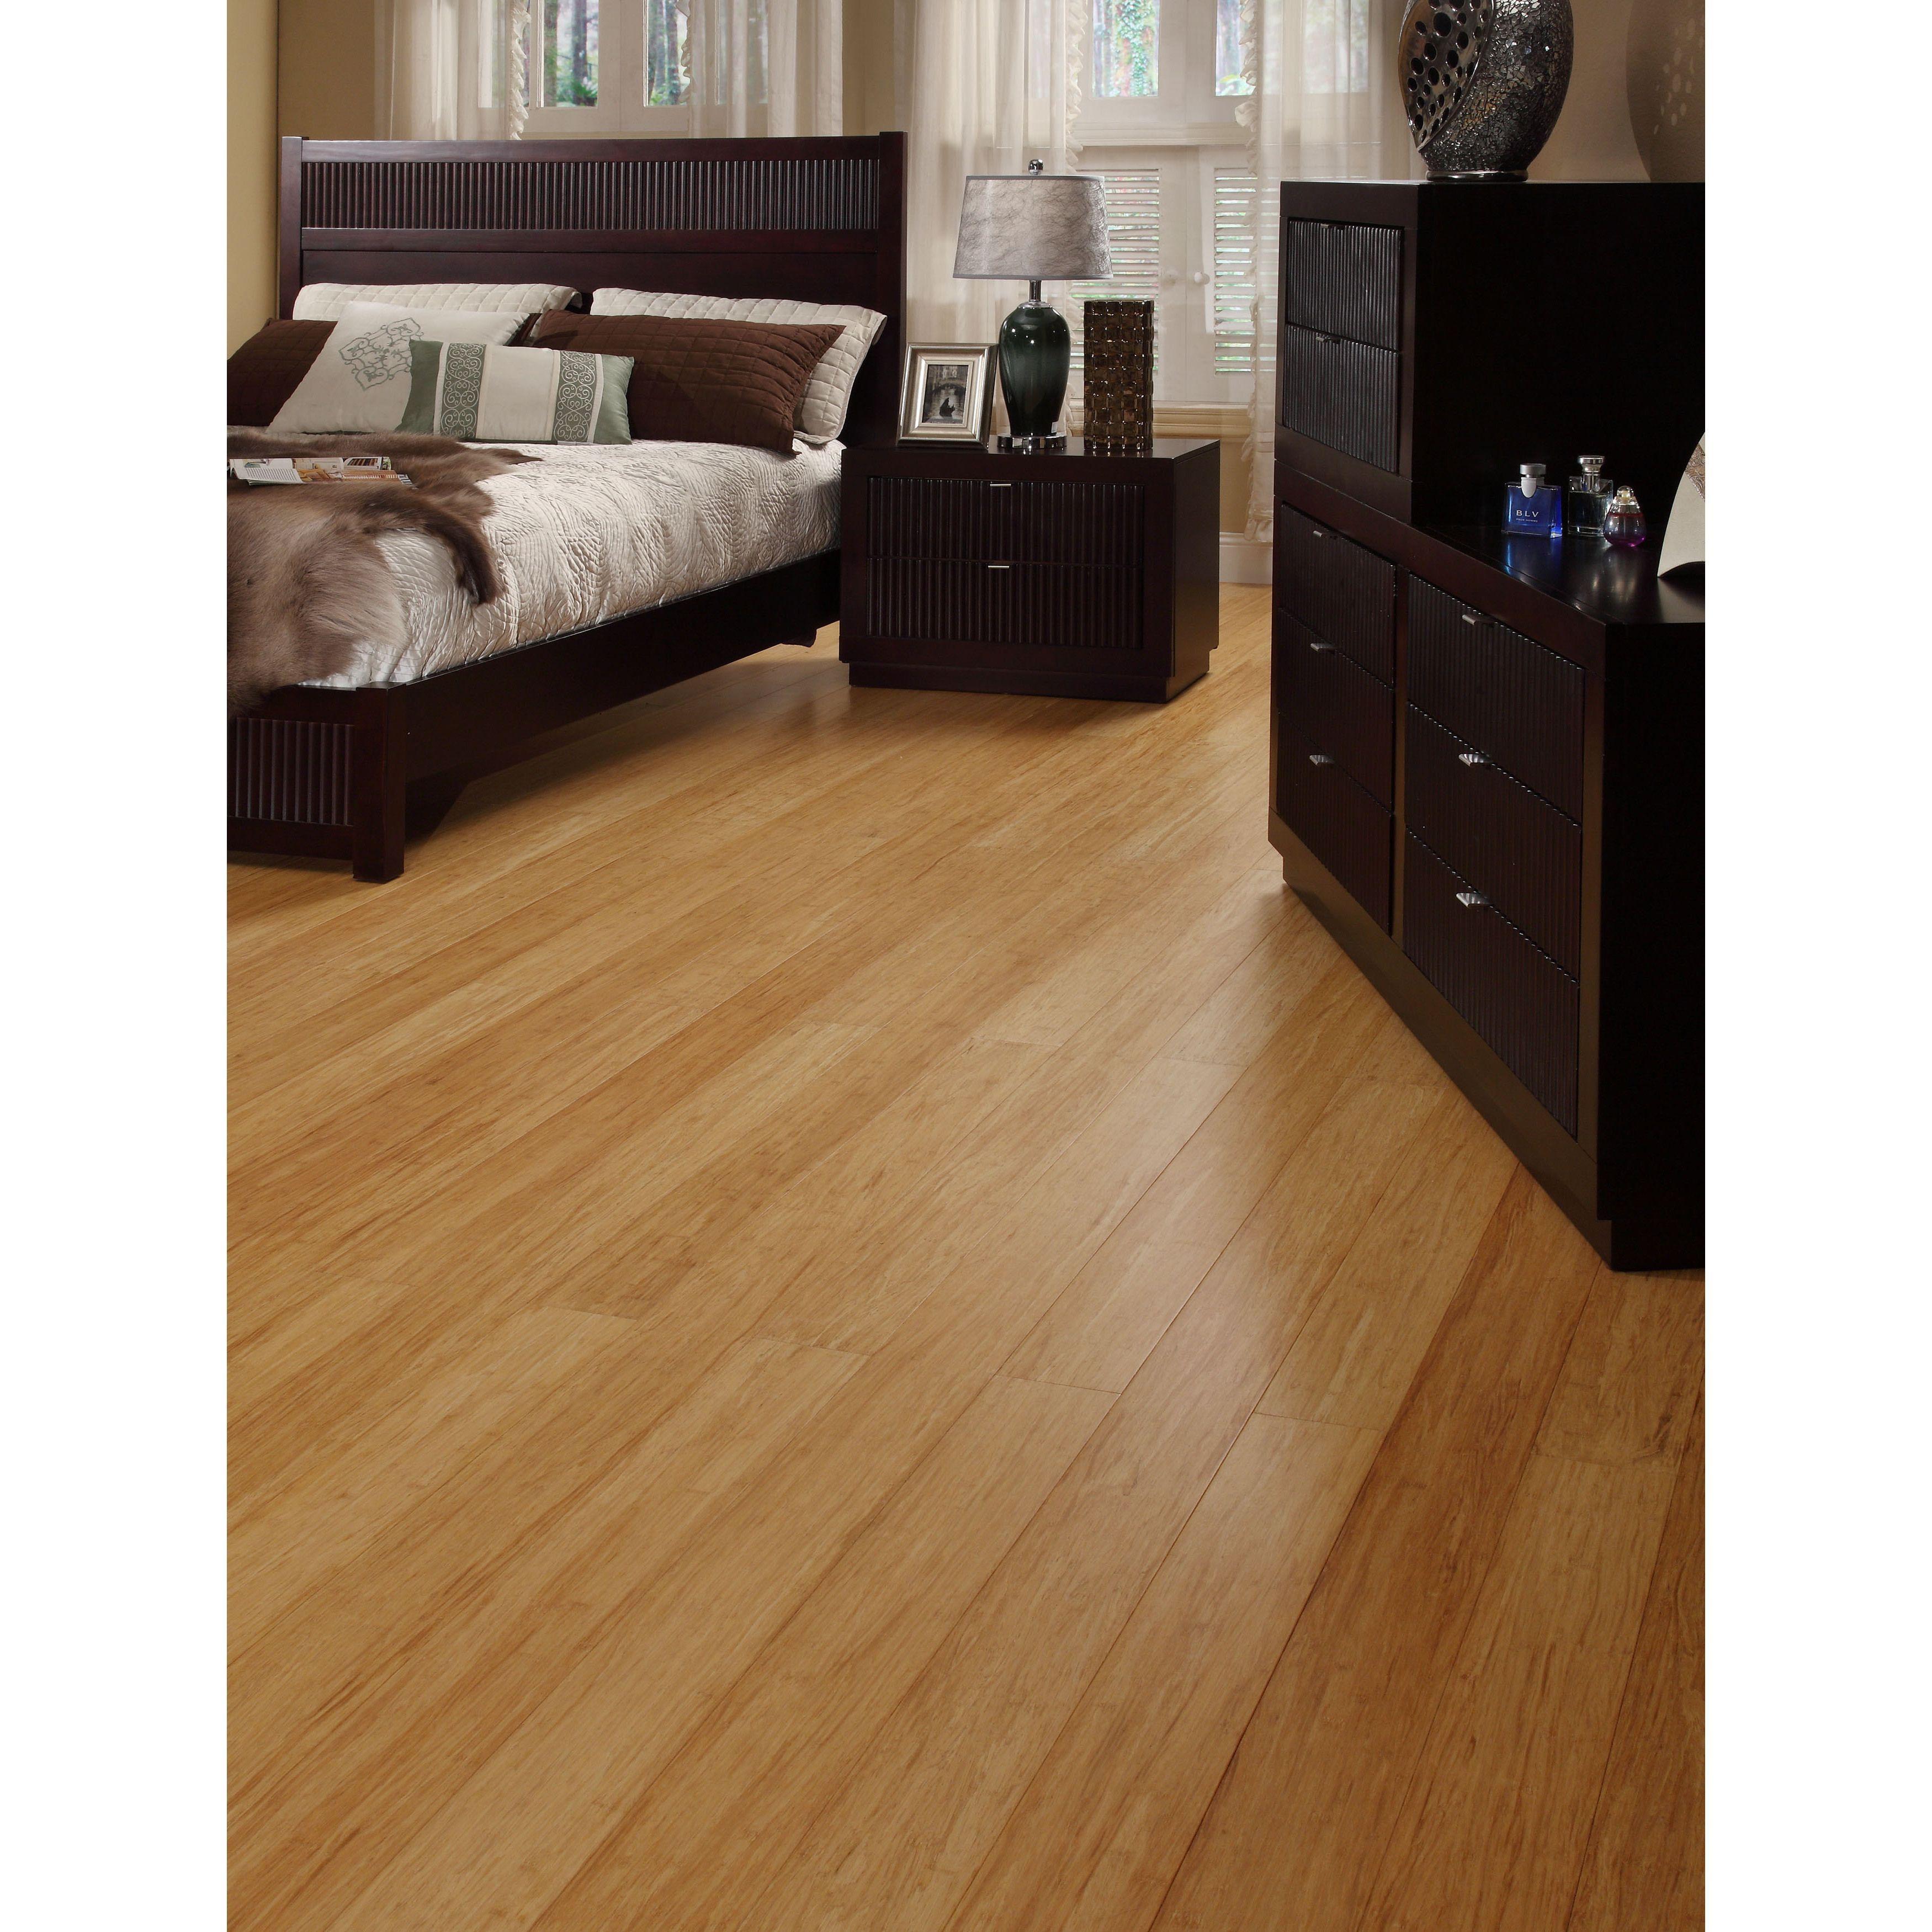 Strand Bamboo Laminate Flooring: Envifloors Envi Strand-woven 25.2 Sq. Ft. Natural Bamboo